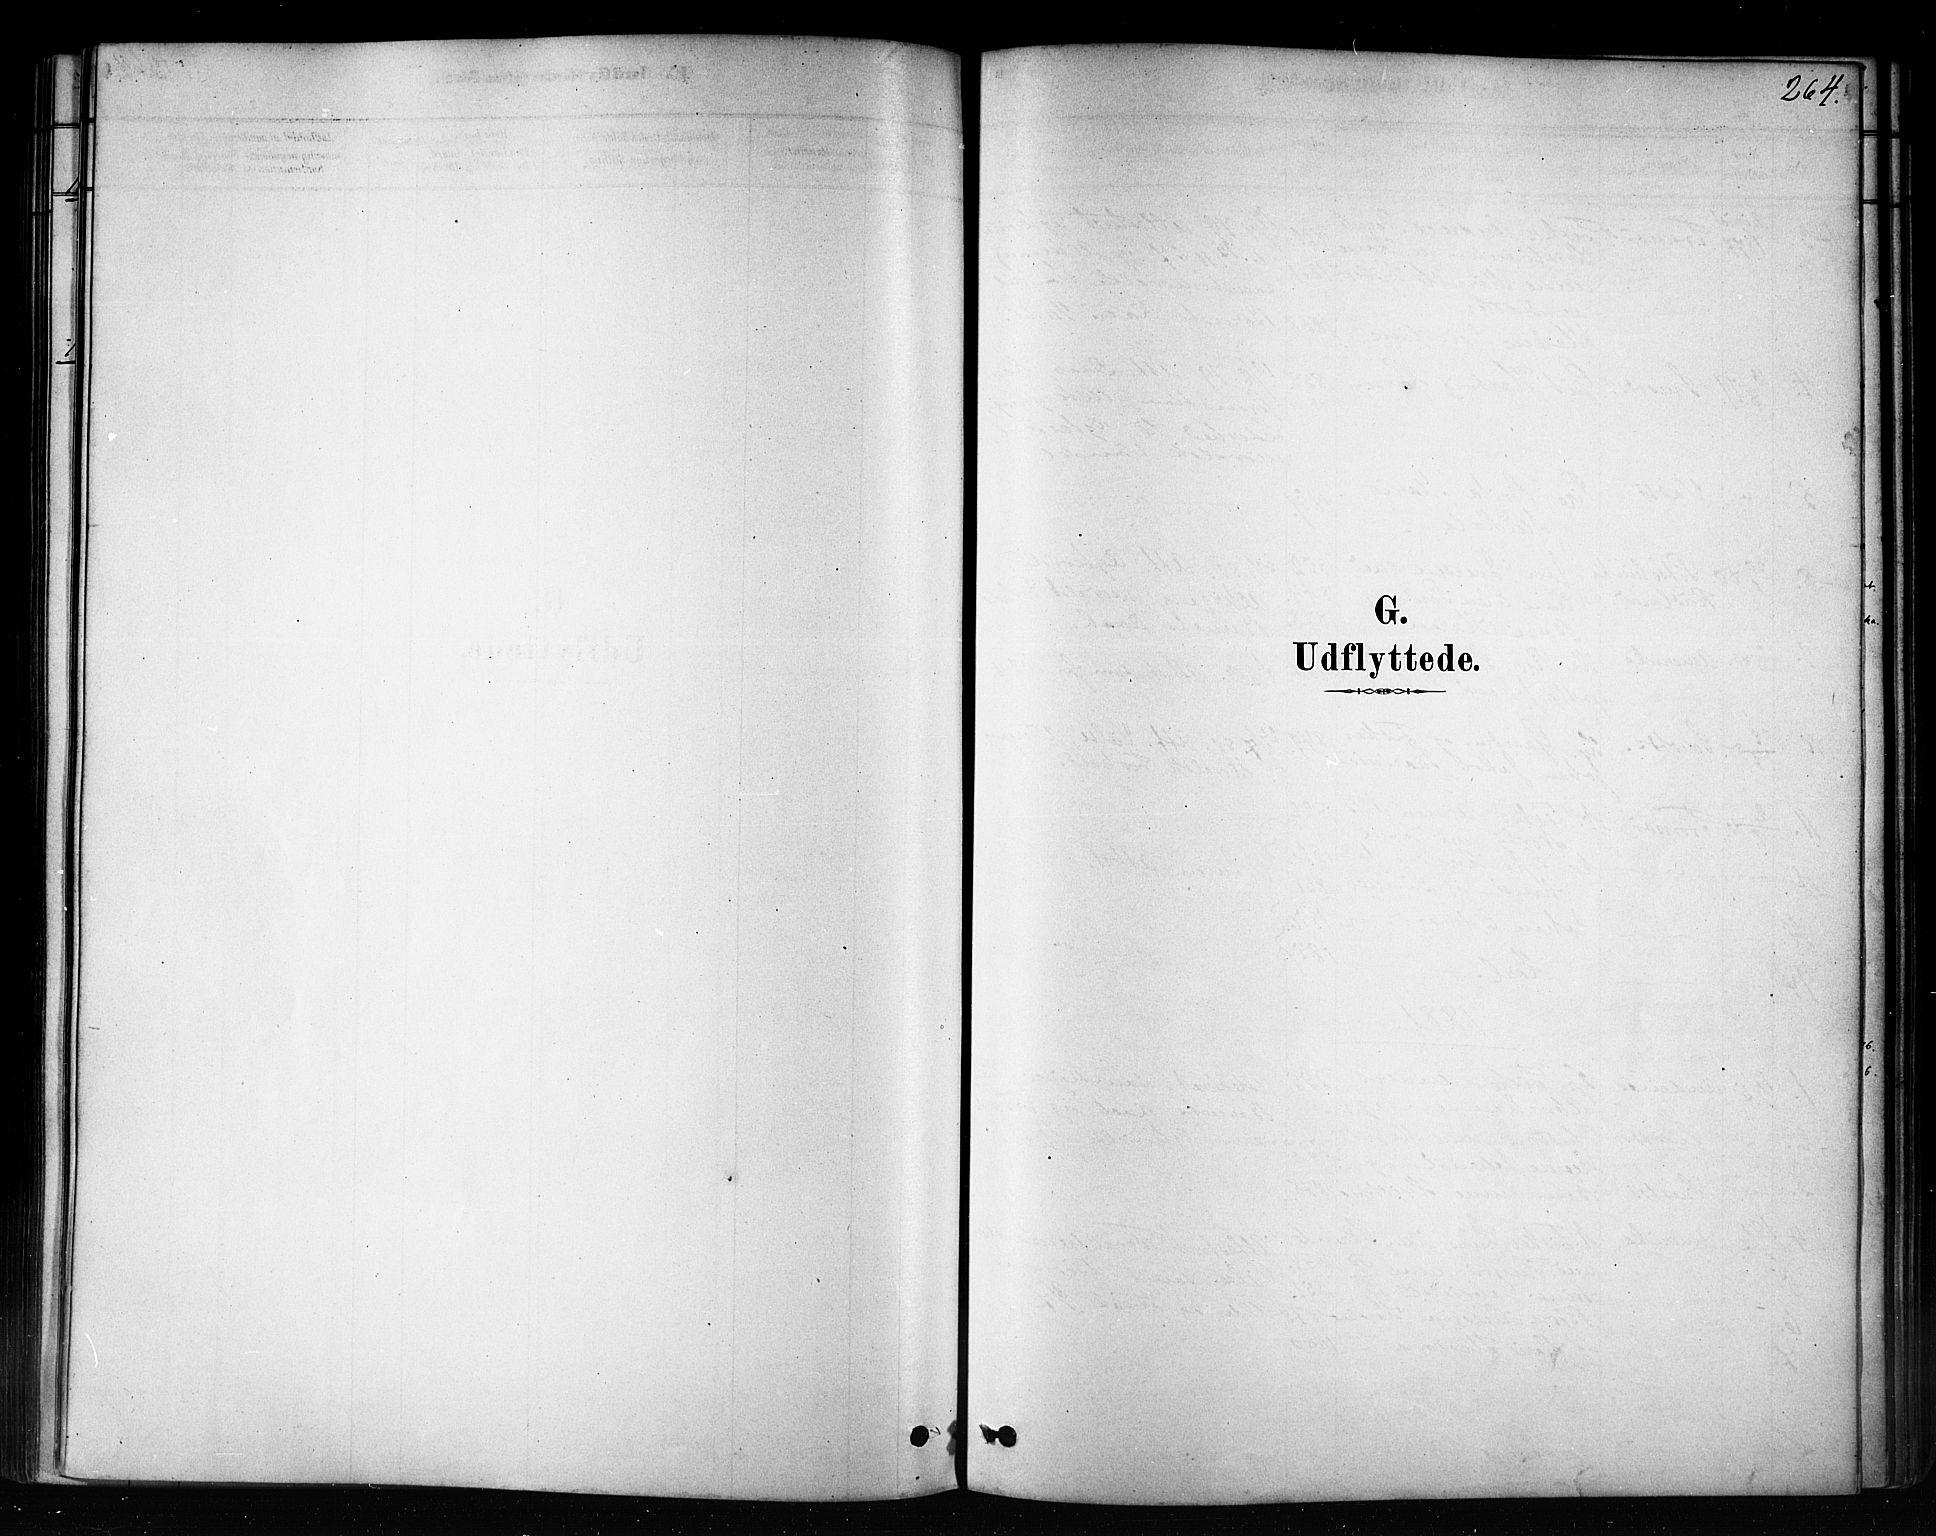 SATØ, Sør-Varanger sokneprestkontor, H/Ha/L0003kirke: Ministerialbok nr. 3, 1878-1891, s. 264